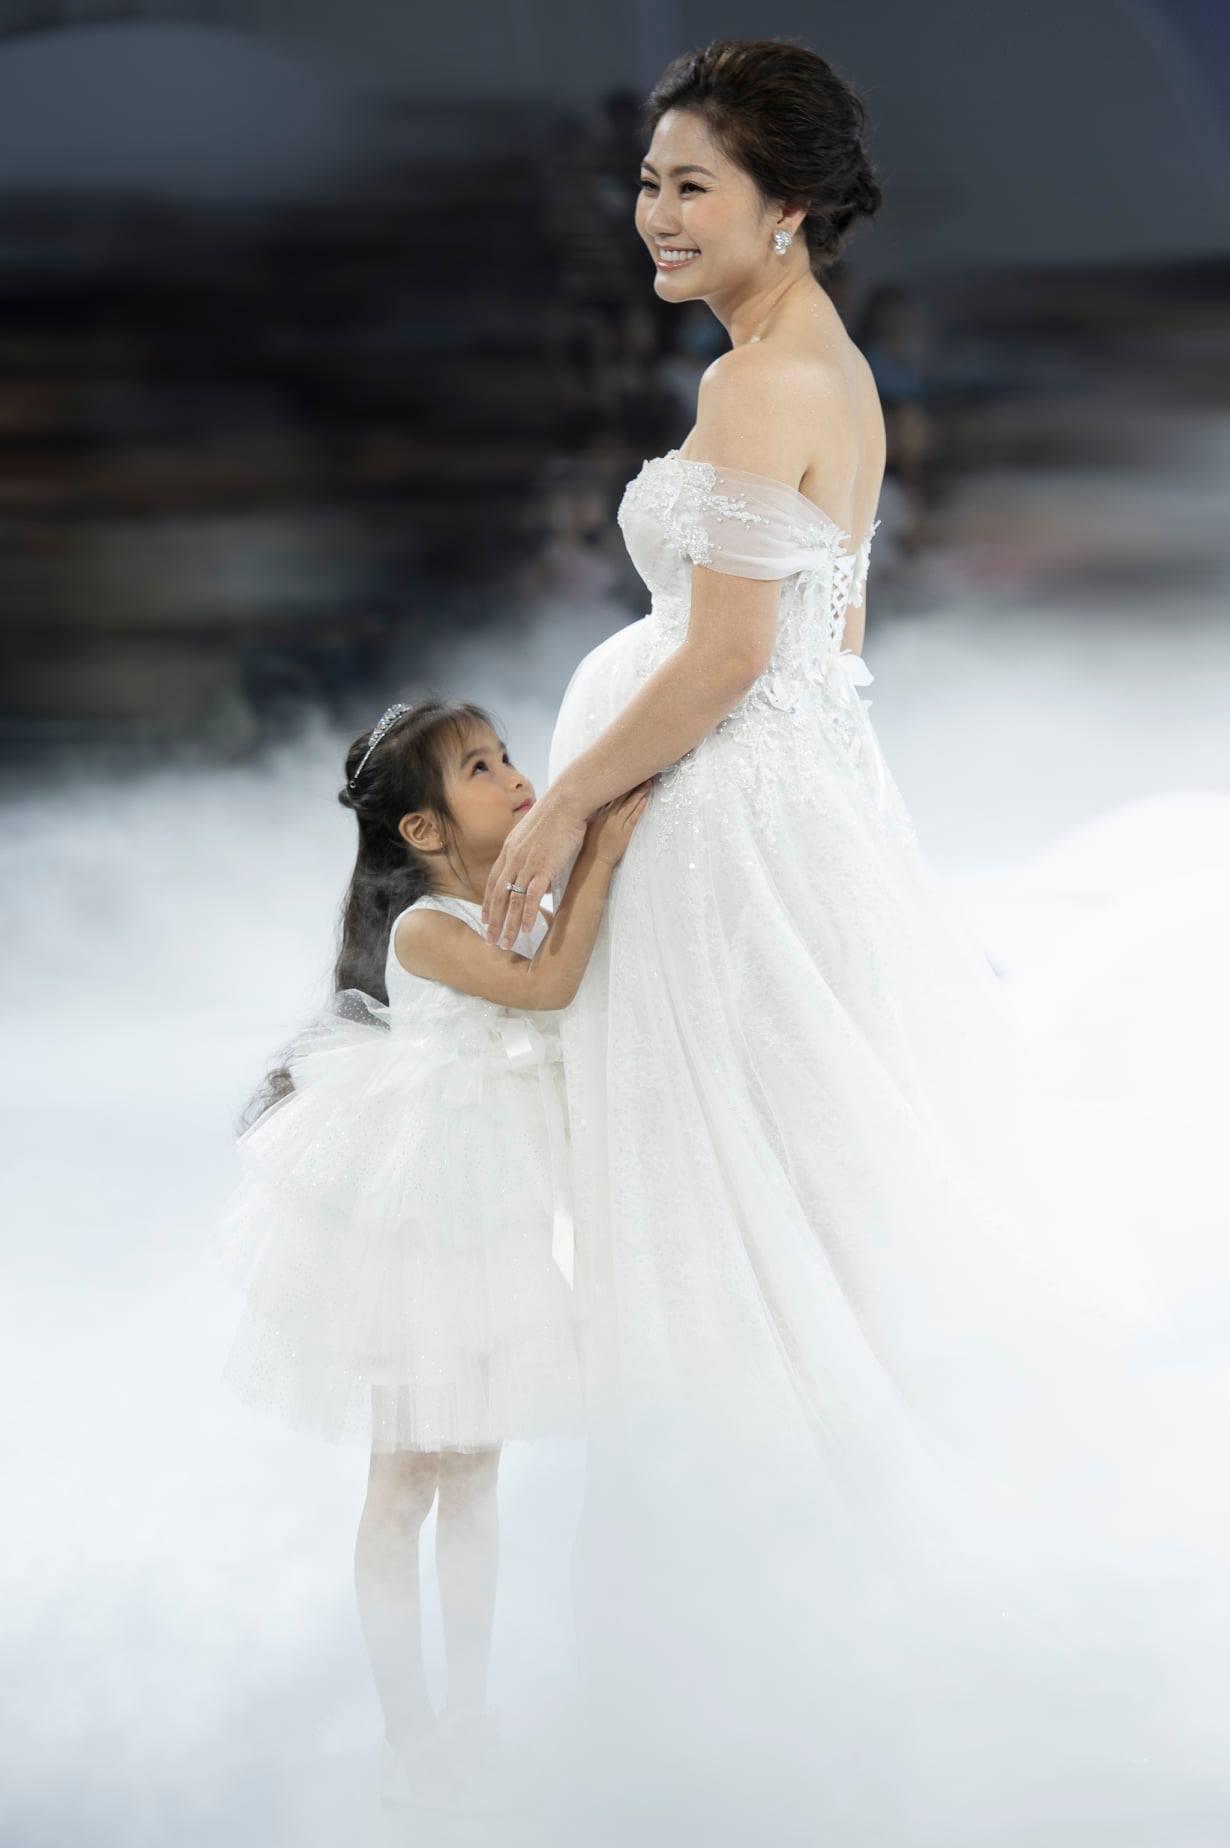 Ngọc Lan khoe ảnh cưới rạng rỡ với 'bụng bầu' to vượt mặt, ước muốn đẻ thêm con gái - Ảnh 4